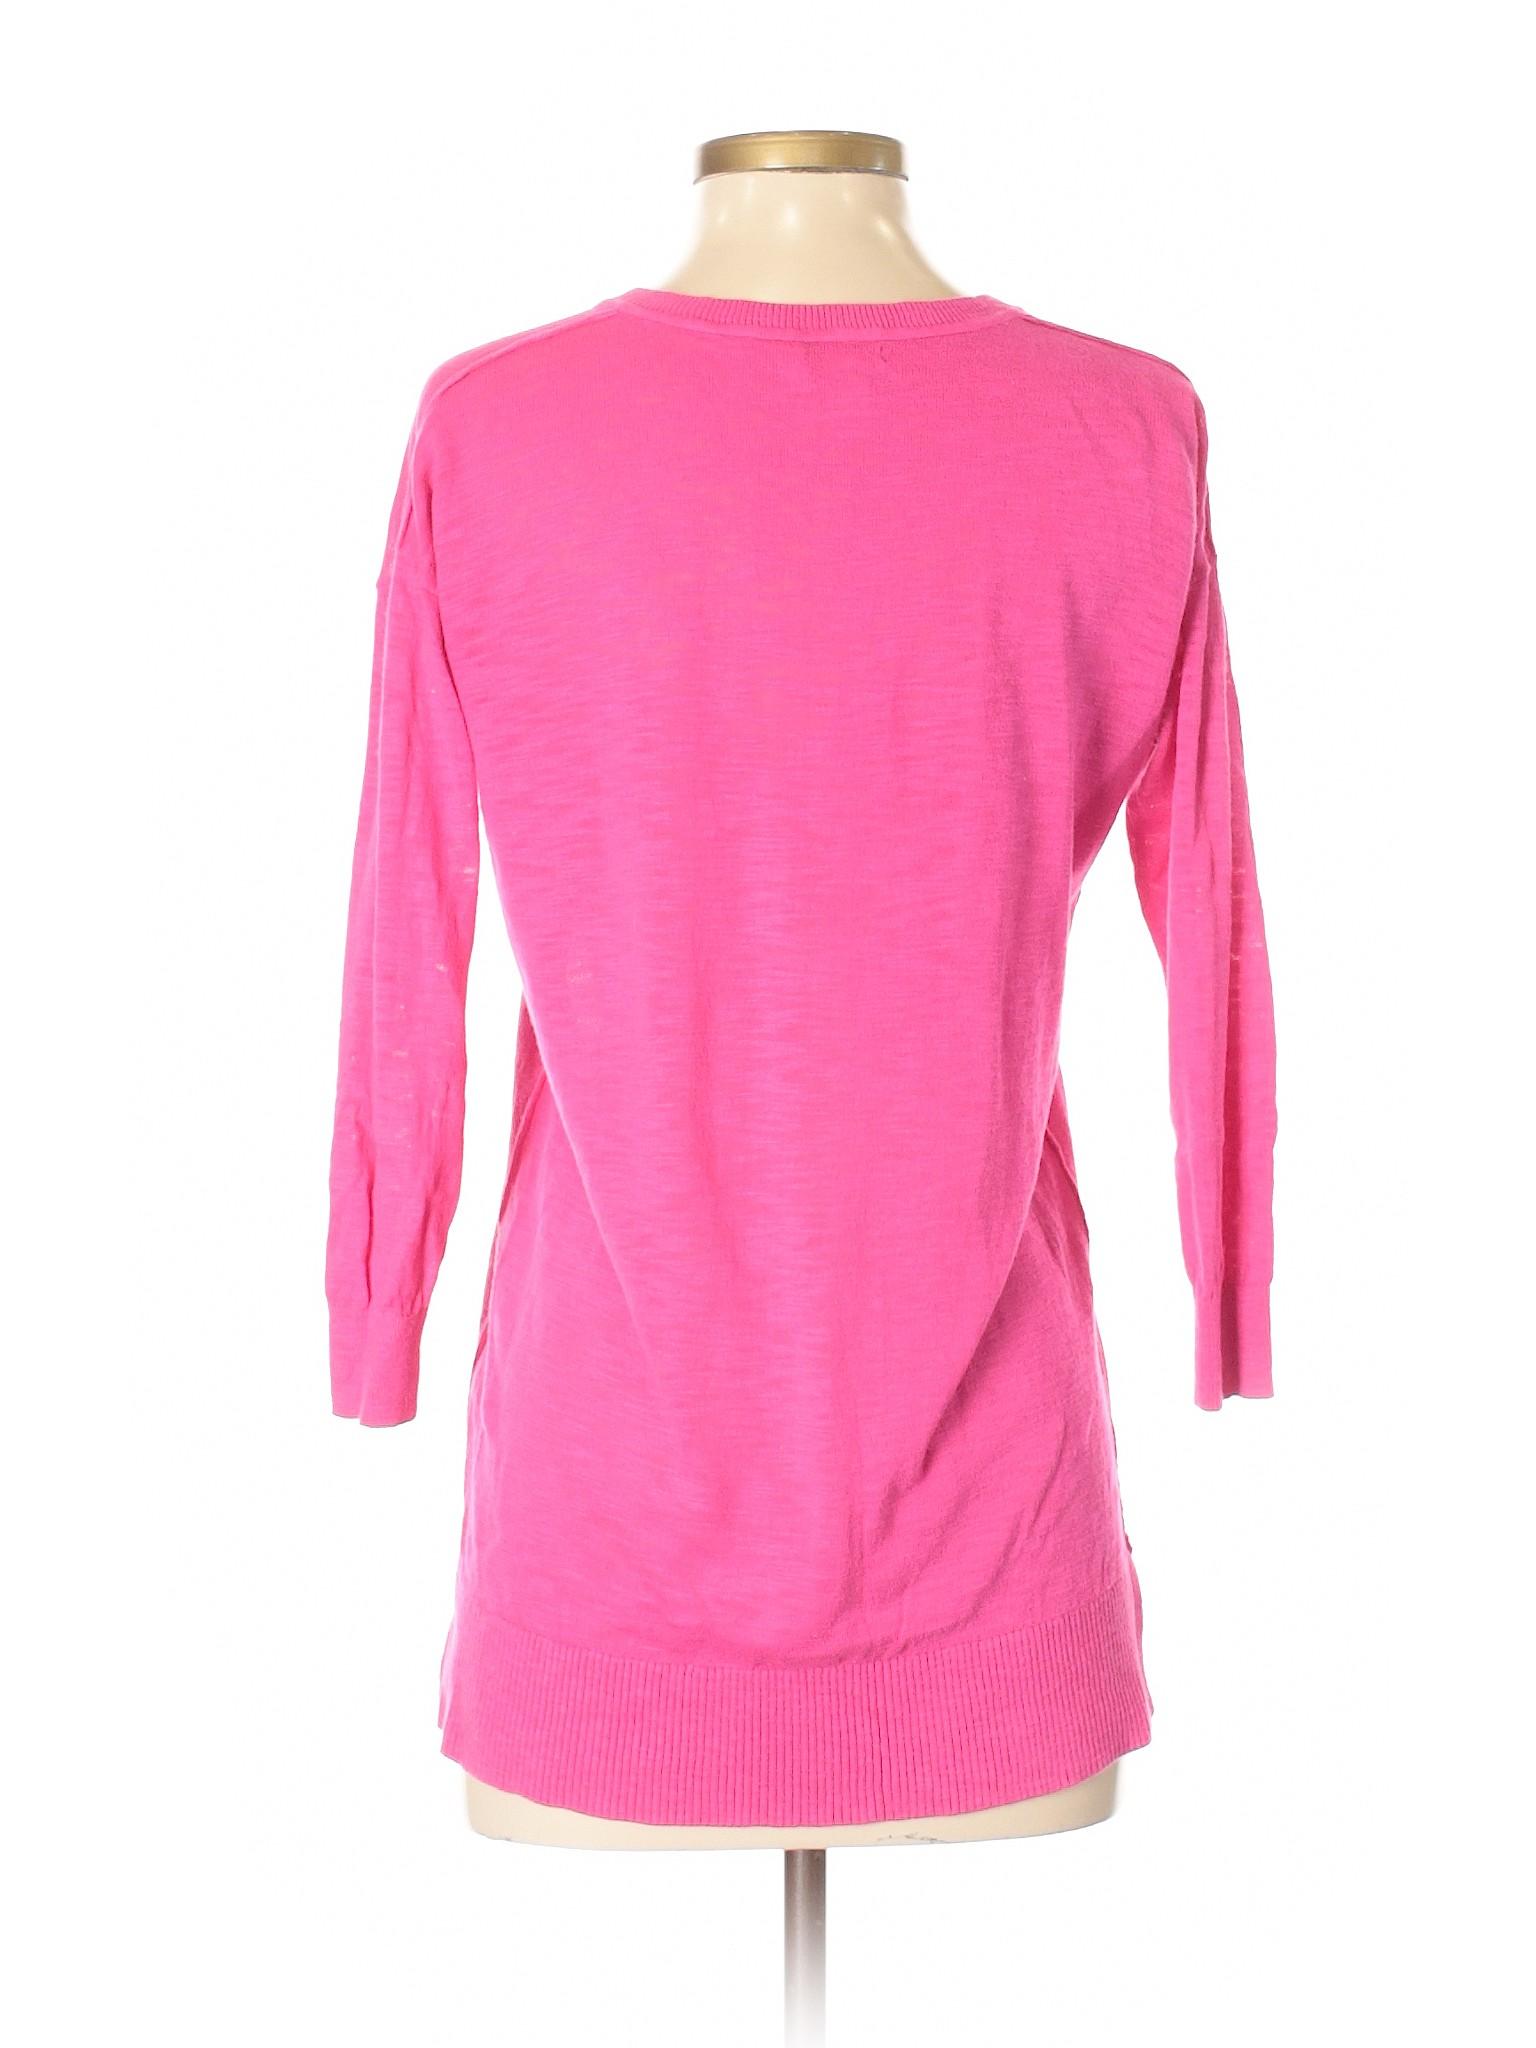 Store Boutique Factory J Sweater Pullover Crew winter PrqTxfrI